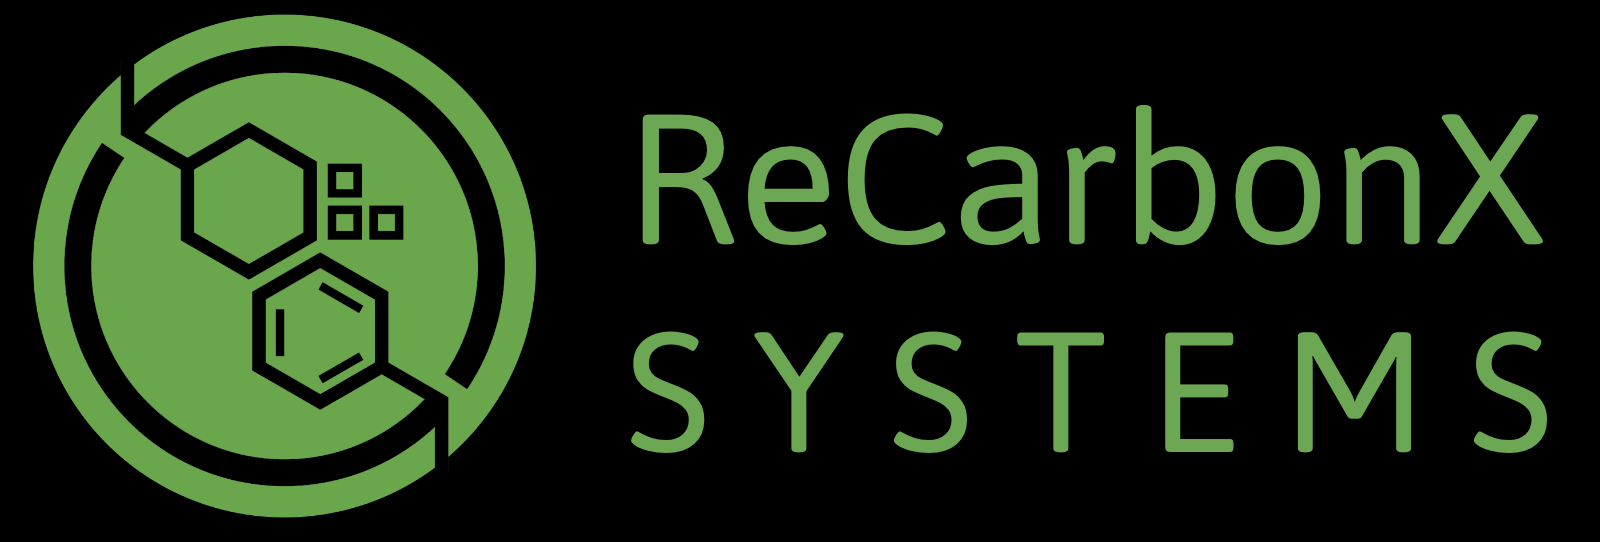 ReCarbonX